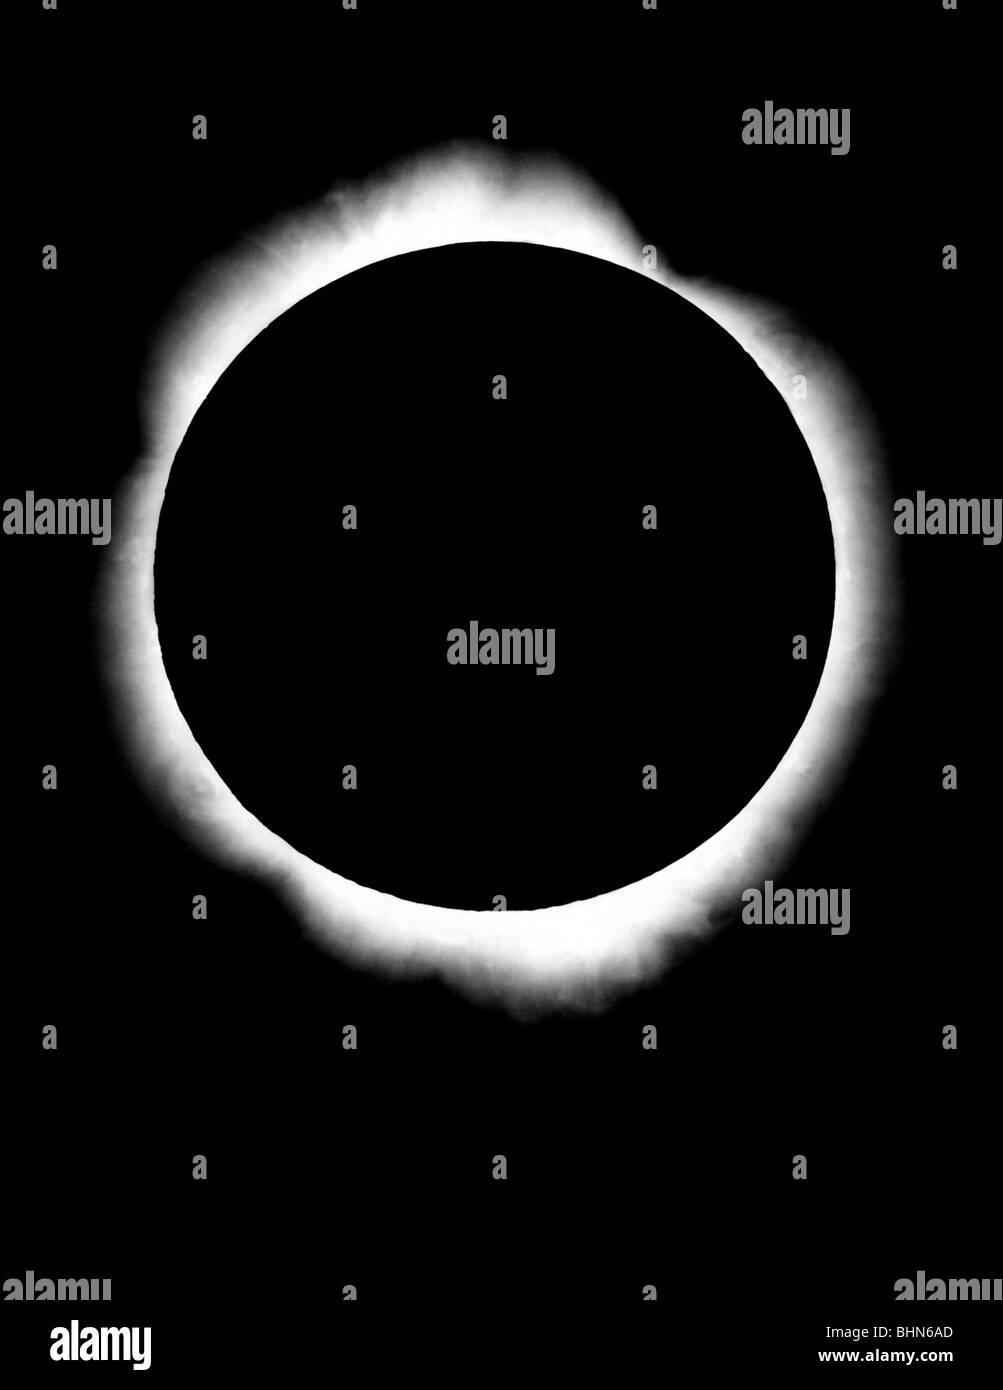 Astronomie, totale Sonnenfinsternis Mond zwischen Sonne und Erde, Schatten, Corona, Licht, Krone, Naturwissenschaft, Stockbild